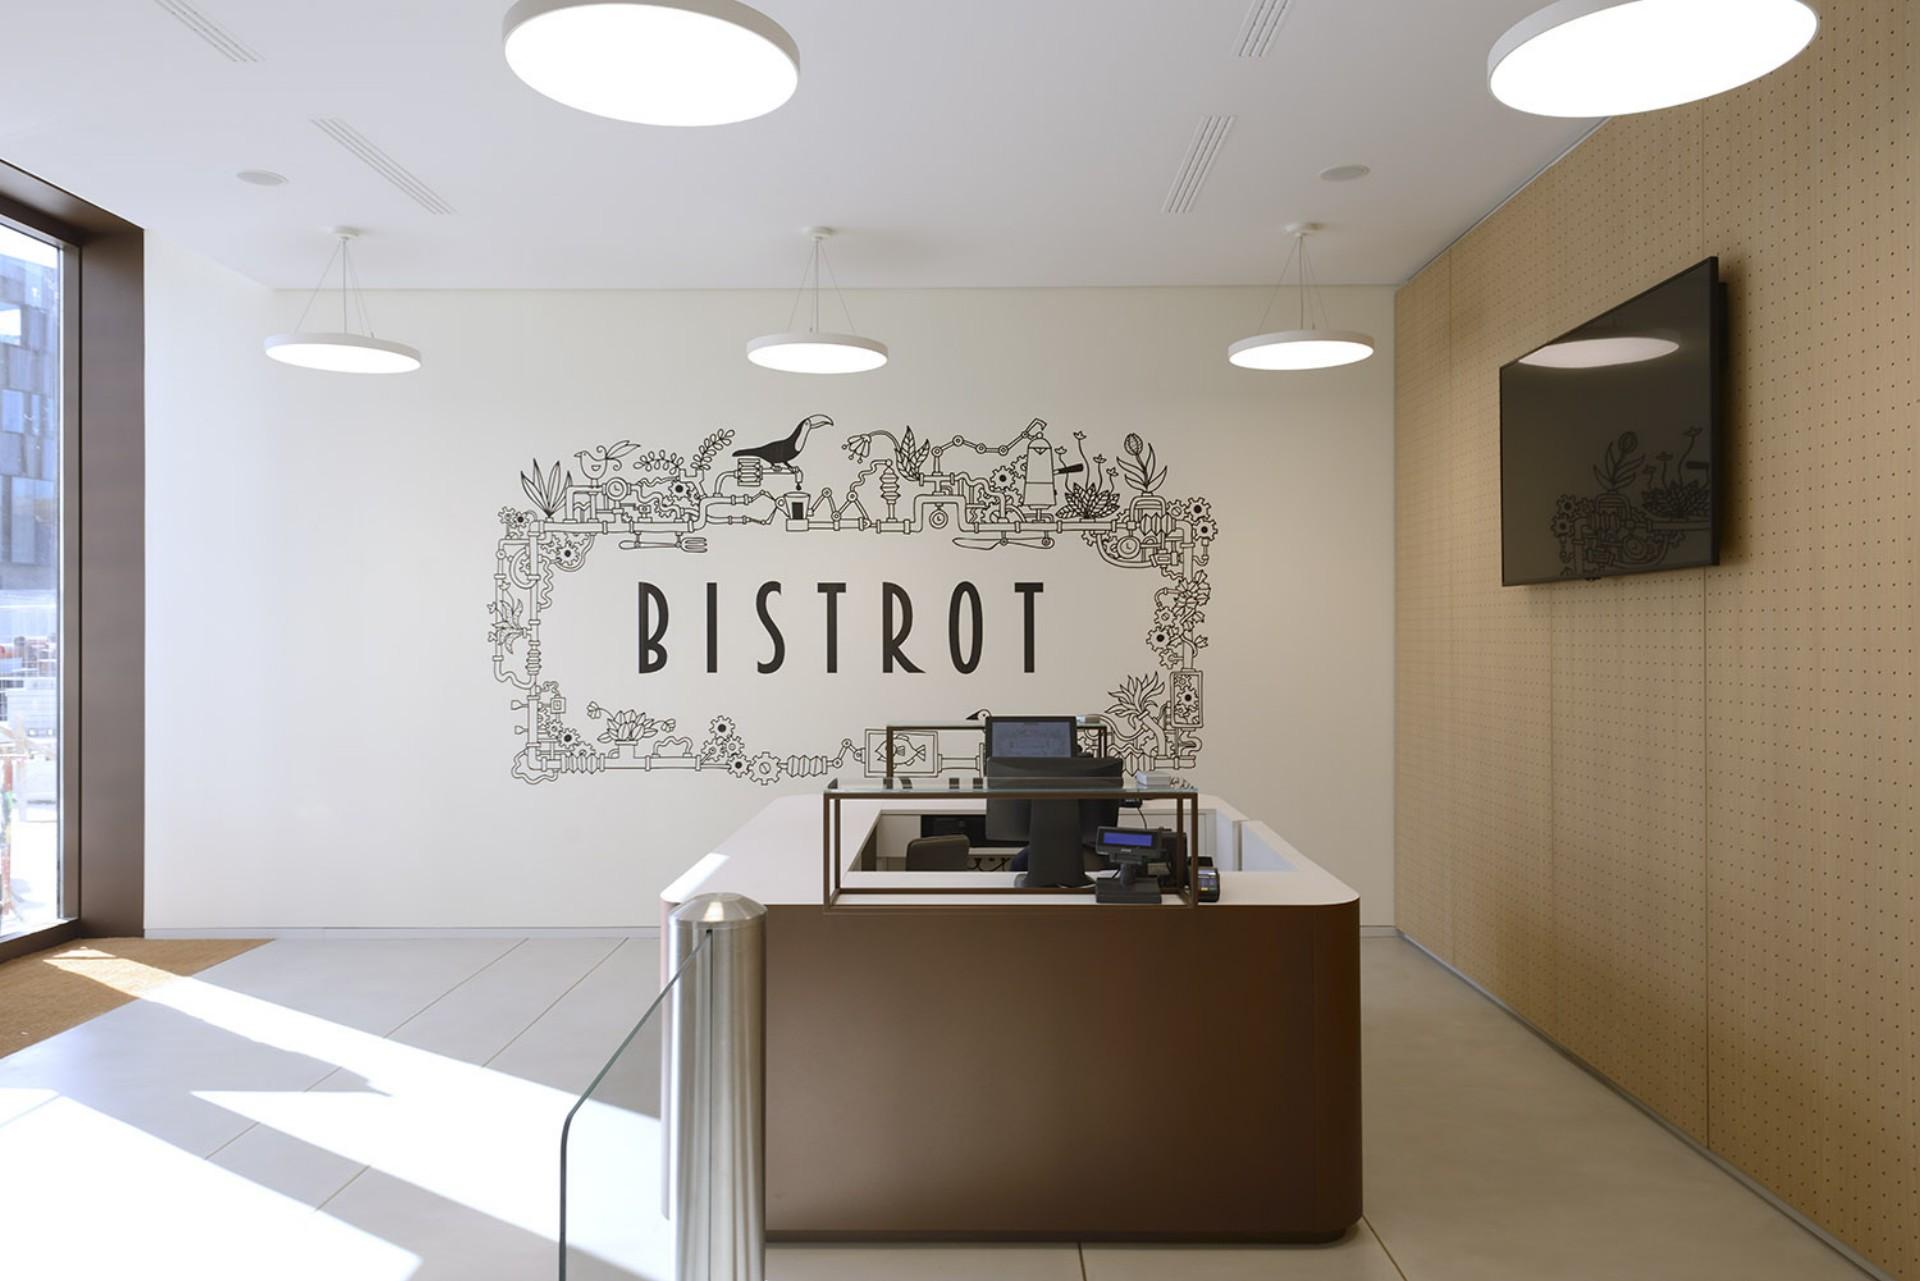 Lavoro Per Architetti Torino cino zucchi architetti e rgastudio bistrot lavazza torino